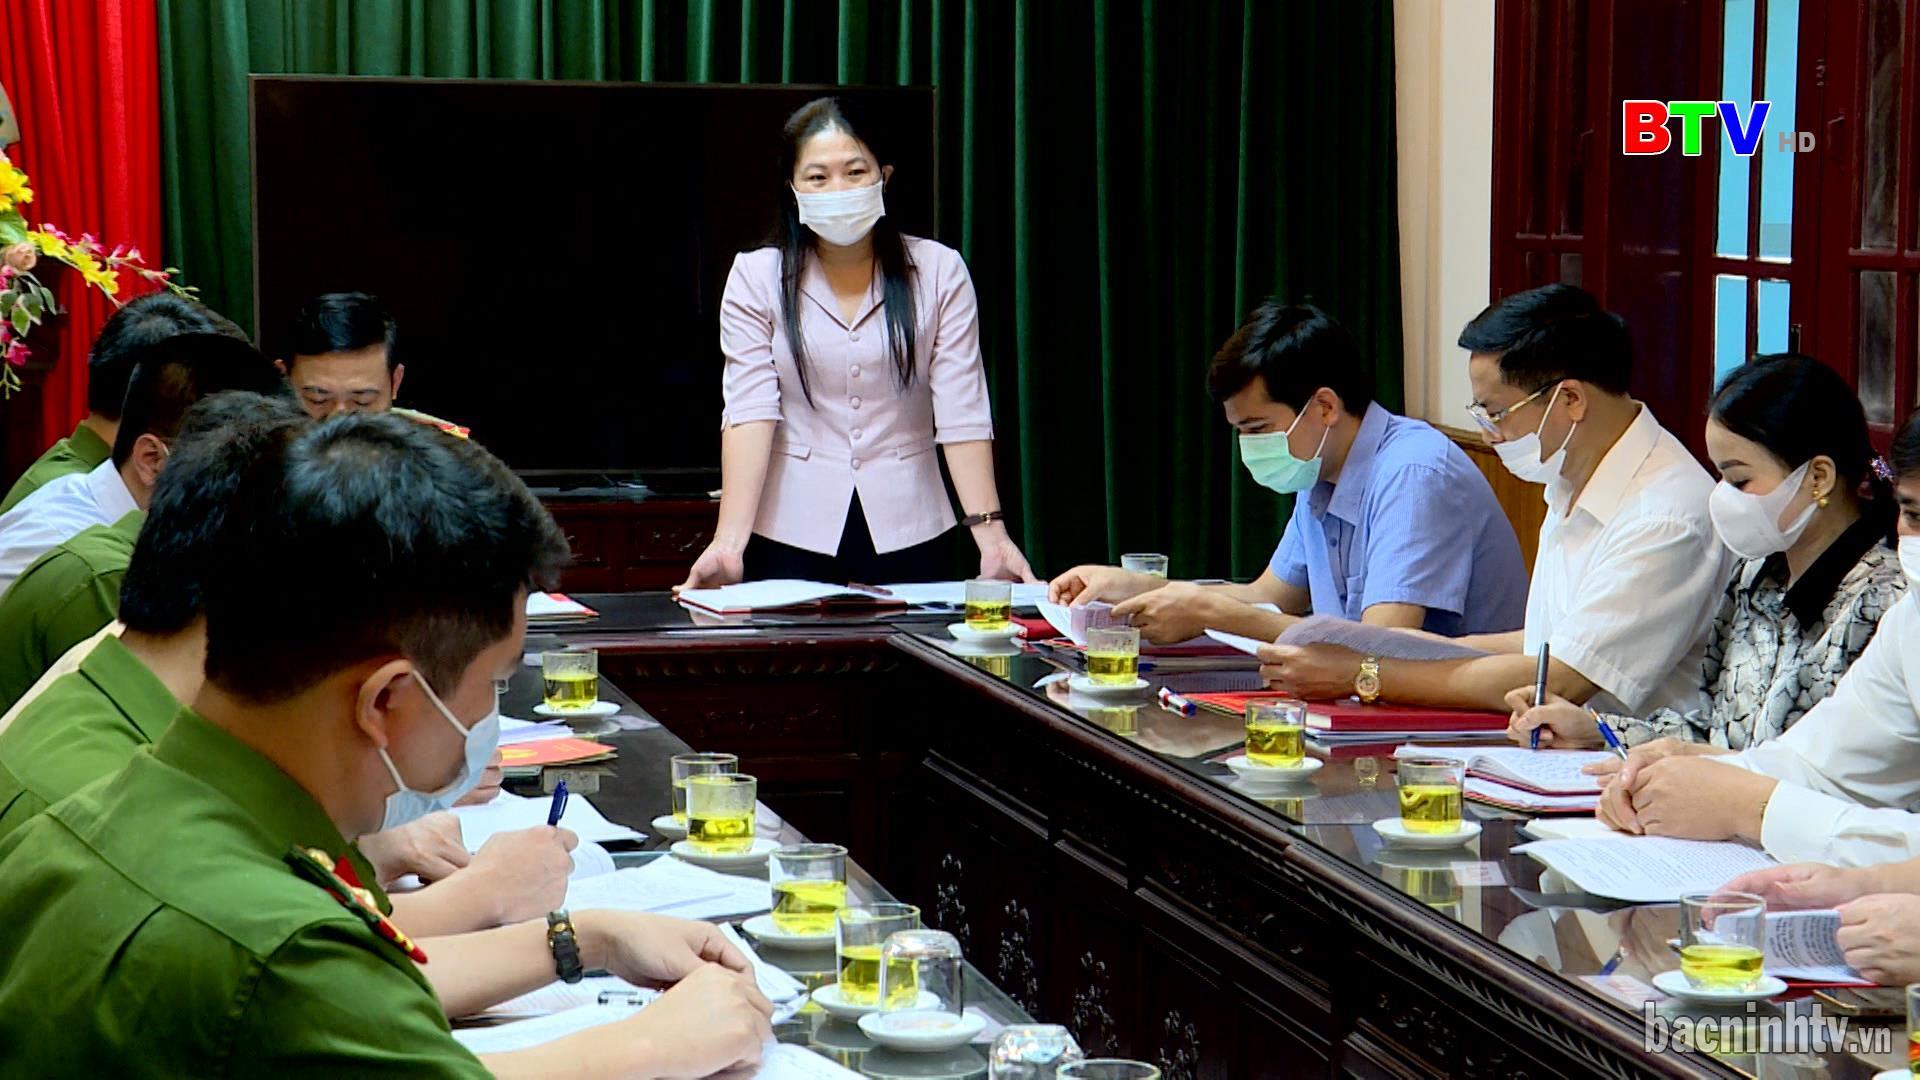 Ban Pháp chế HĐND tỉnh giám sát công tác đảm bảo  an ninh chính trị, trật tự an toàn xã hội